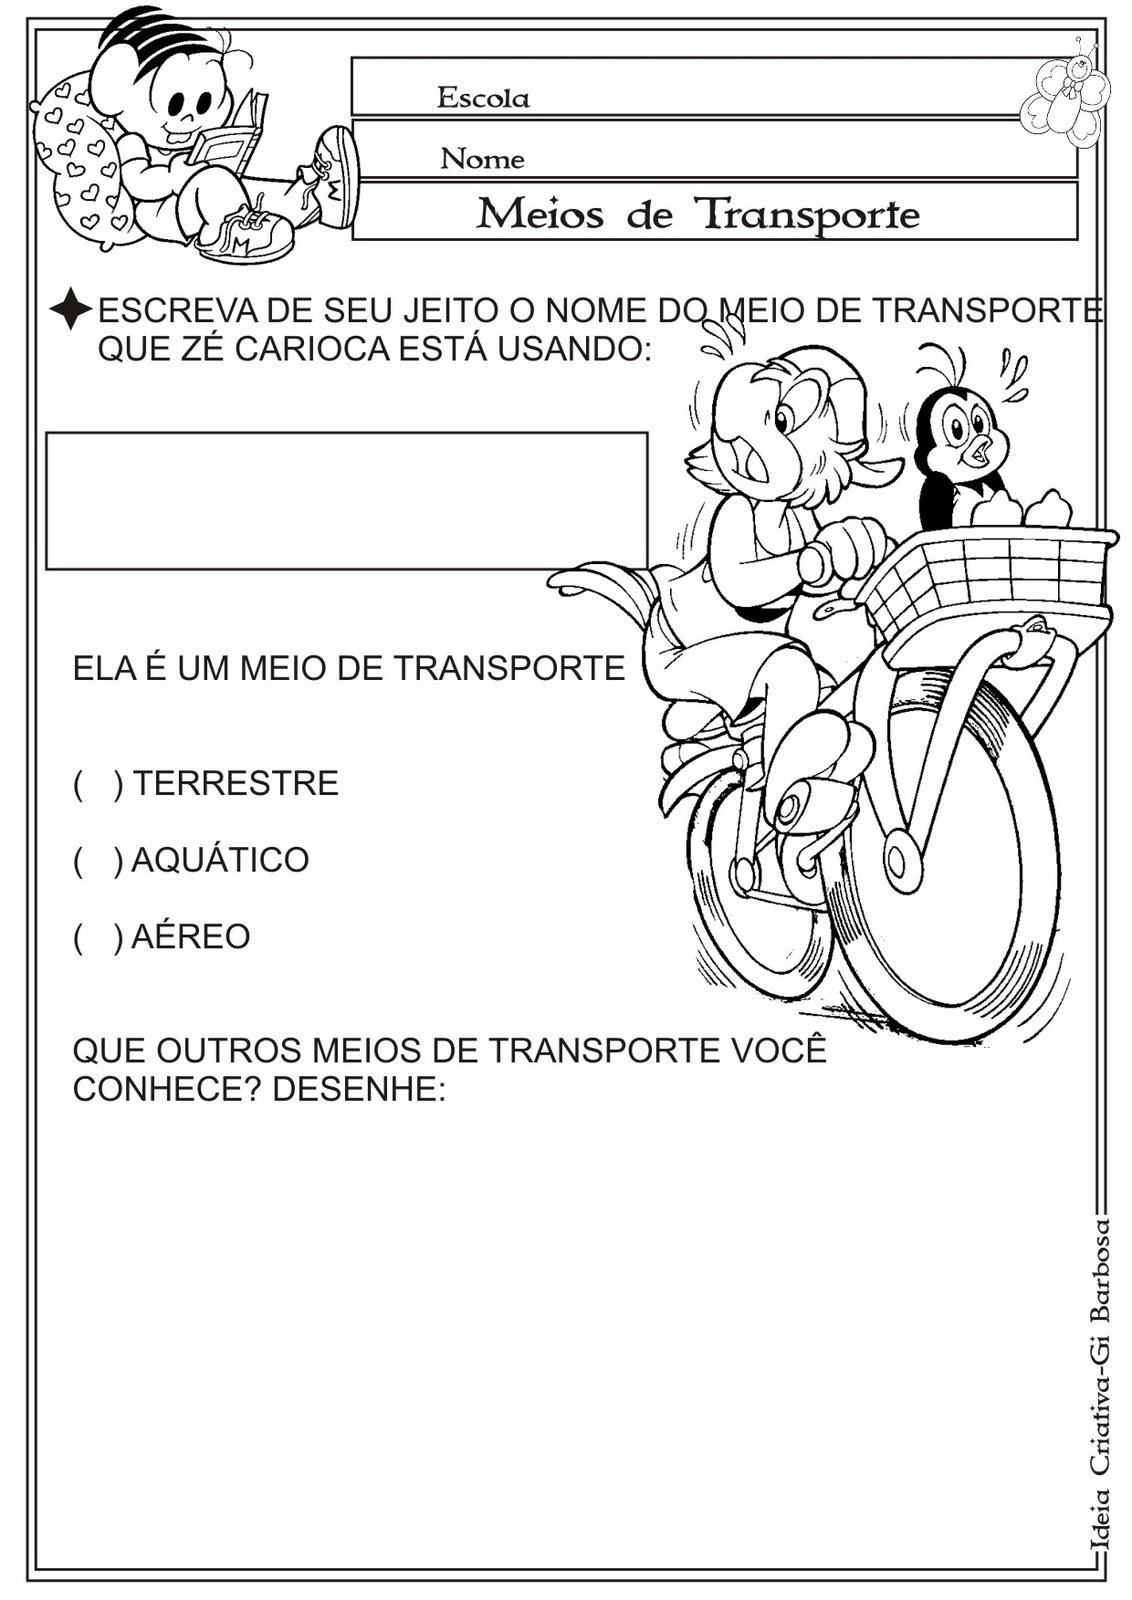 Muitas vezes Atividade Meios de Transporte | Ideia Criativa - Gi Barbosa  RH12